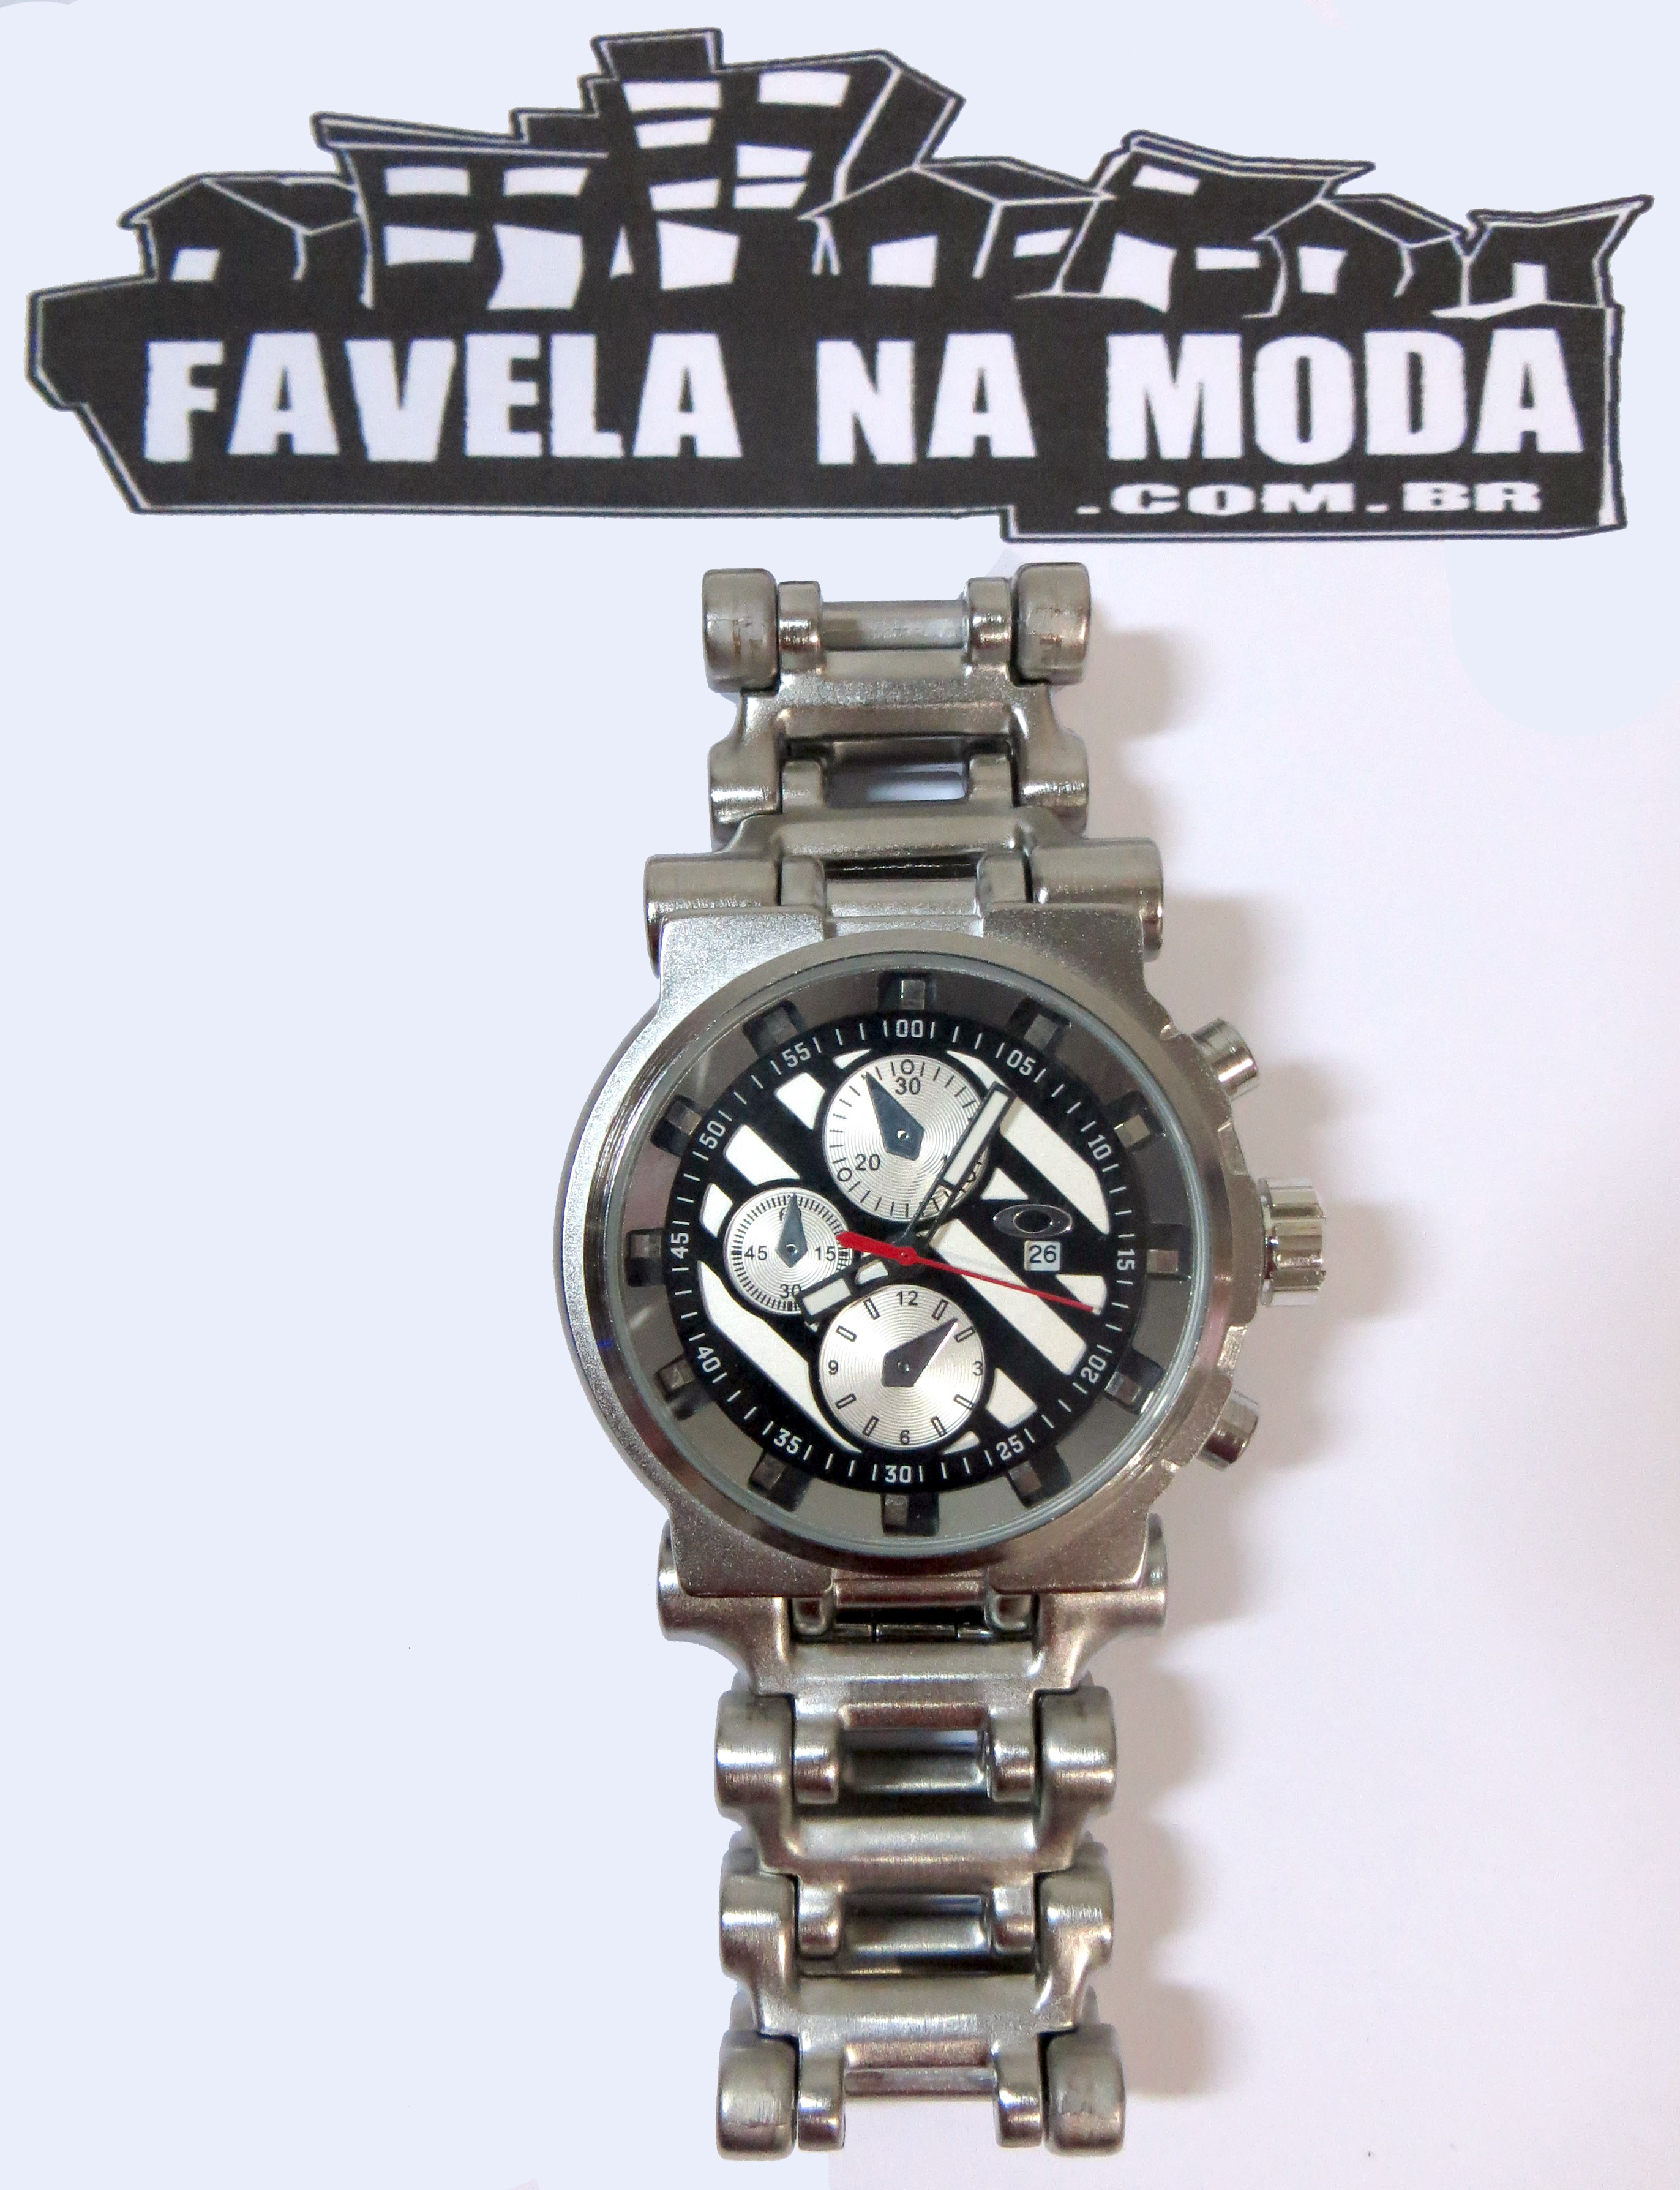 c8a2a75904e Relógio Estilo Hollow Point Oakley - Preto   Branco